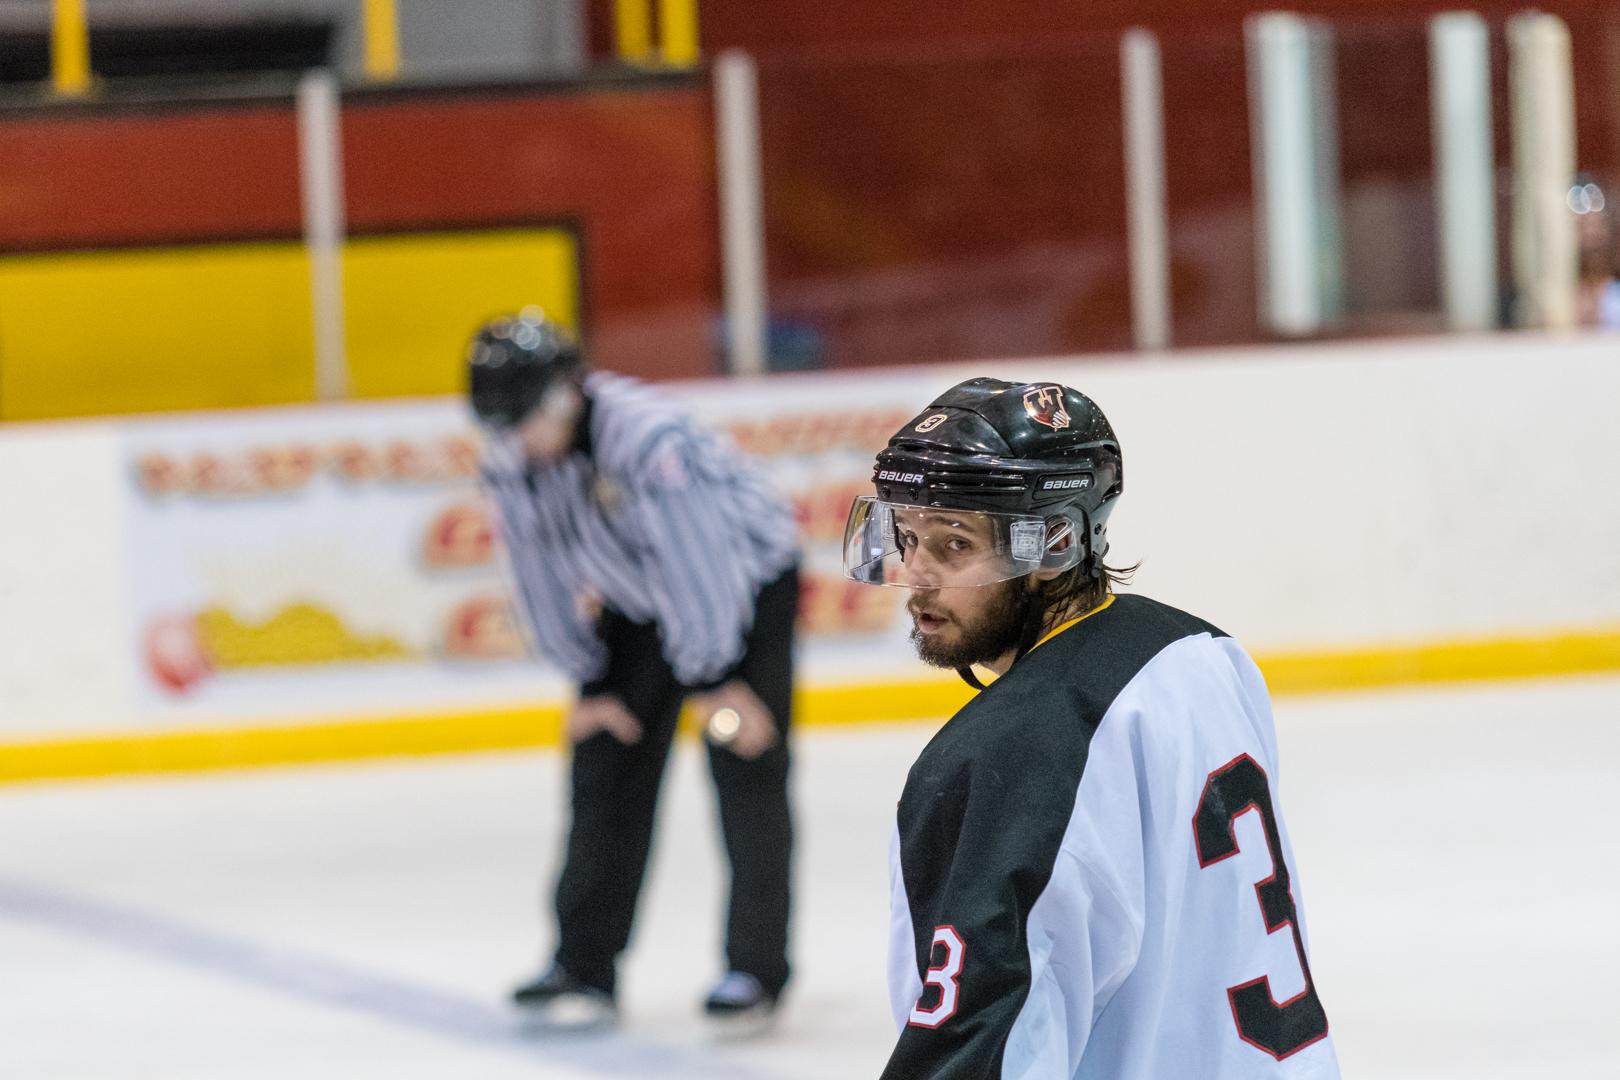 2017 10 10 Rossburn Hockey-621.jpg